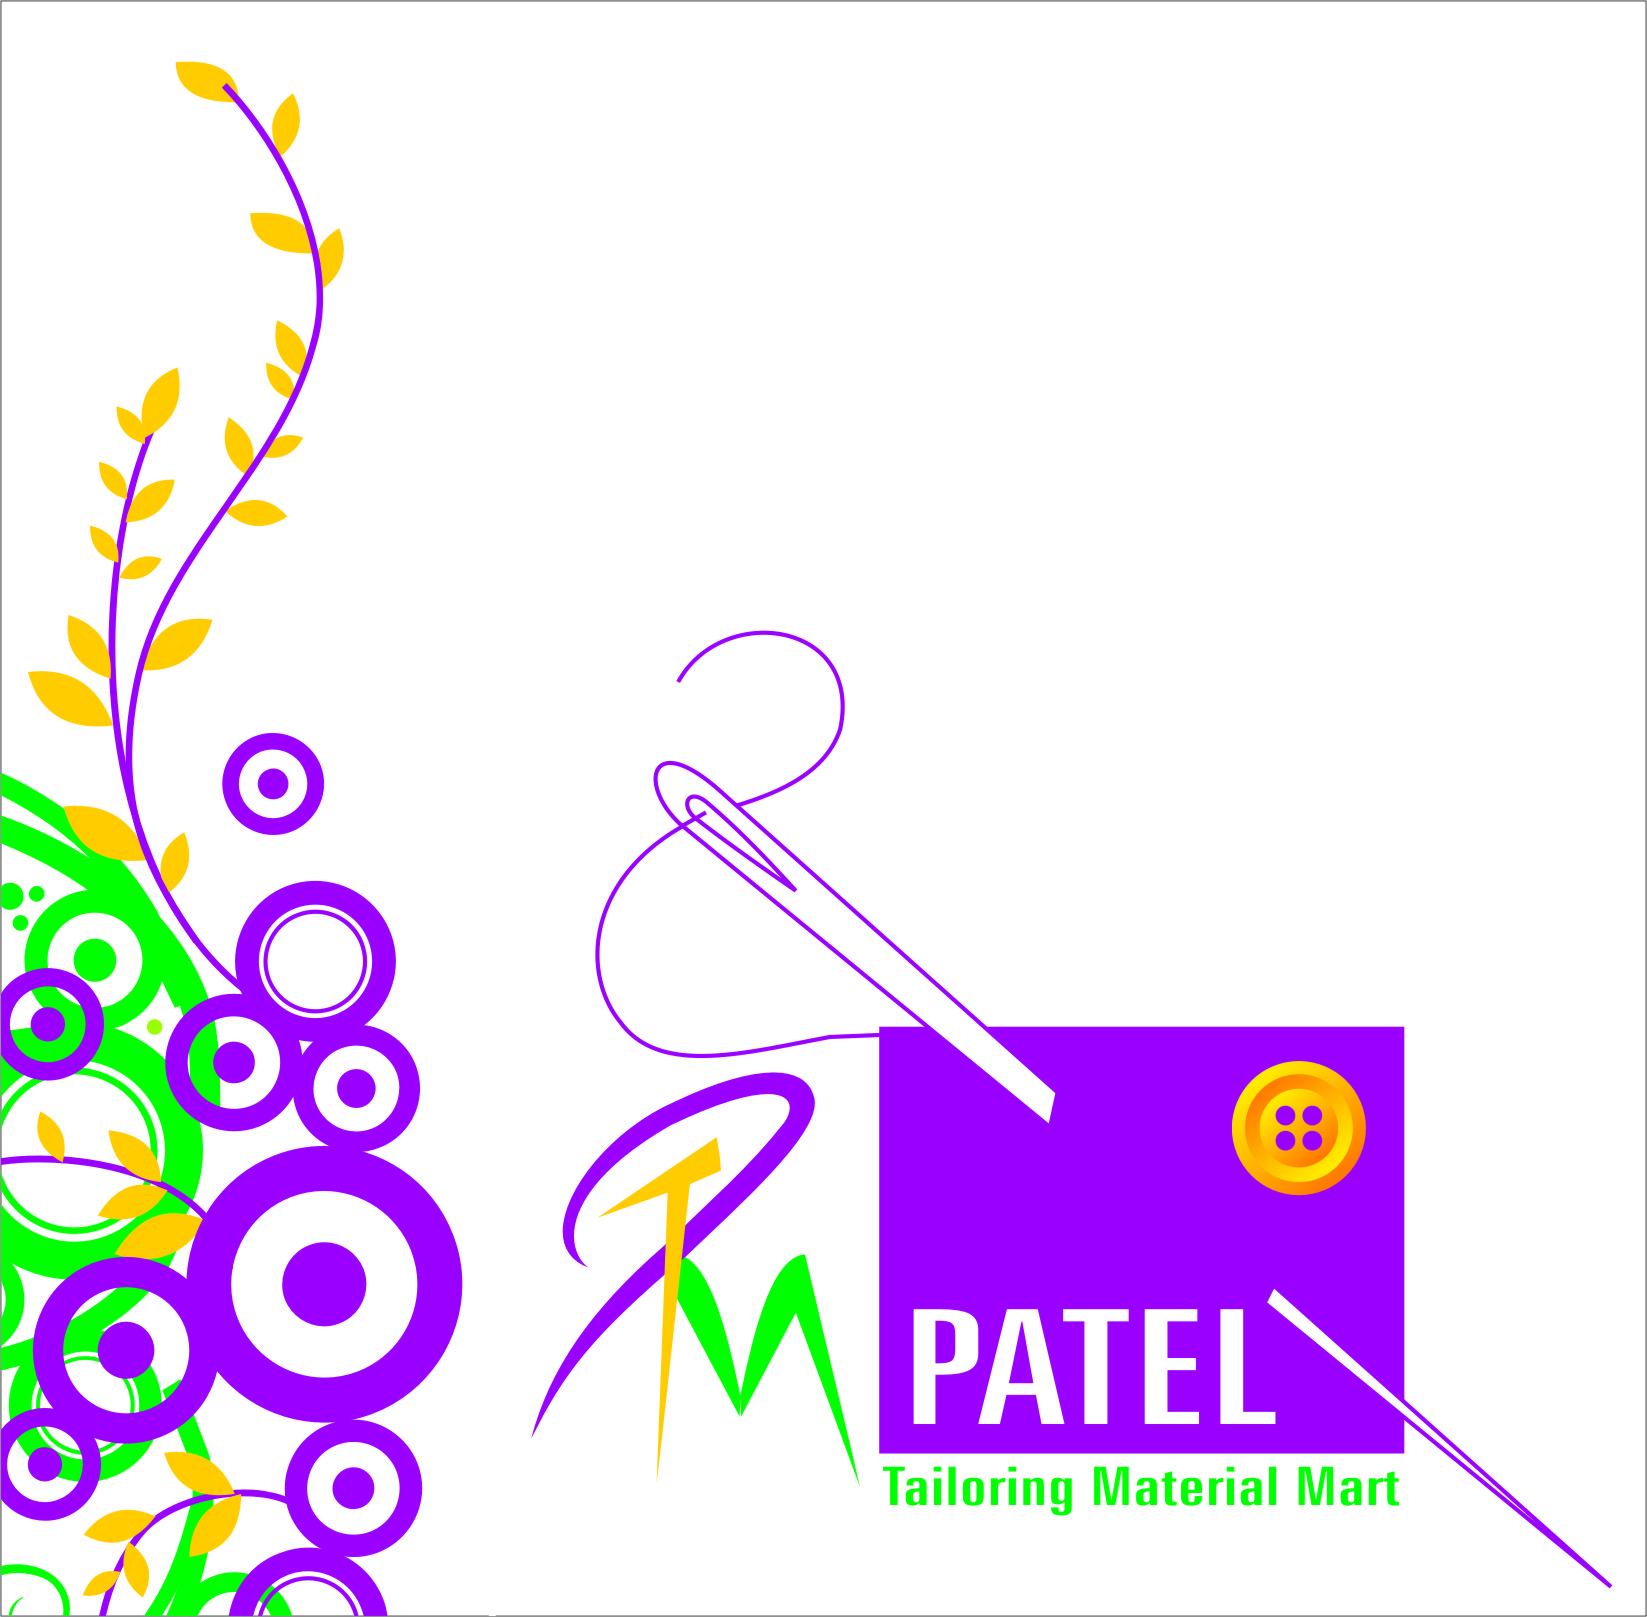 Patel Tailoring Material Mart